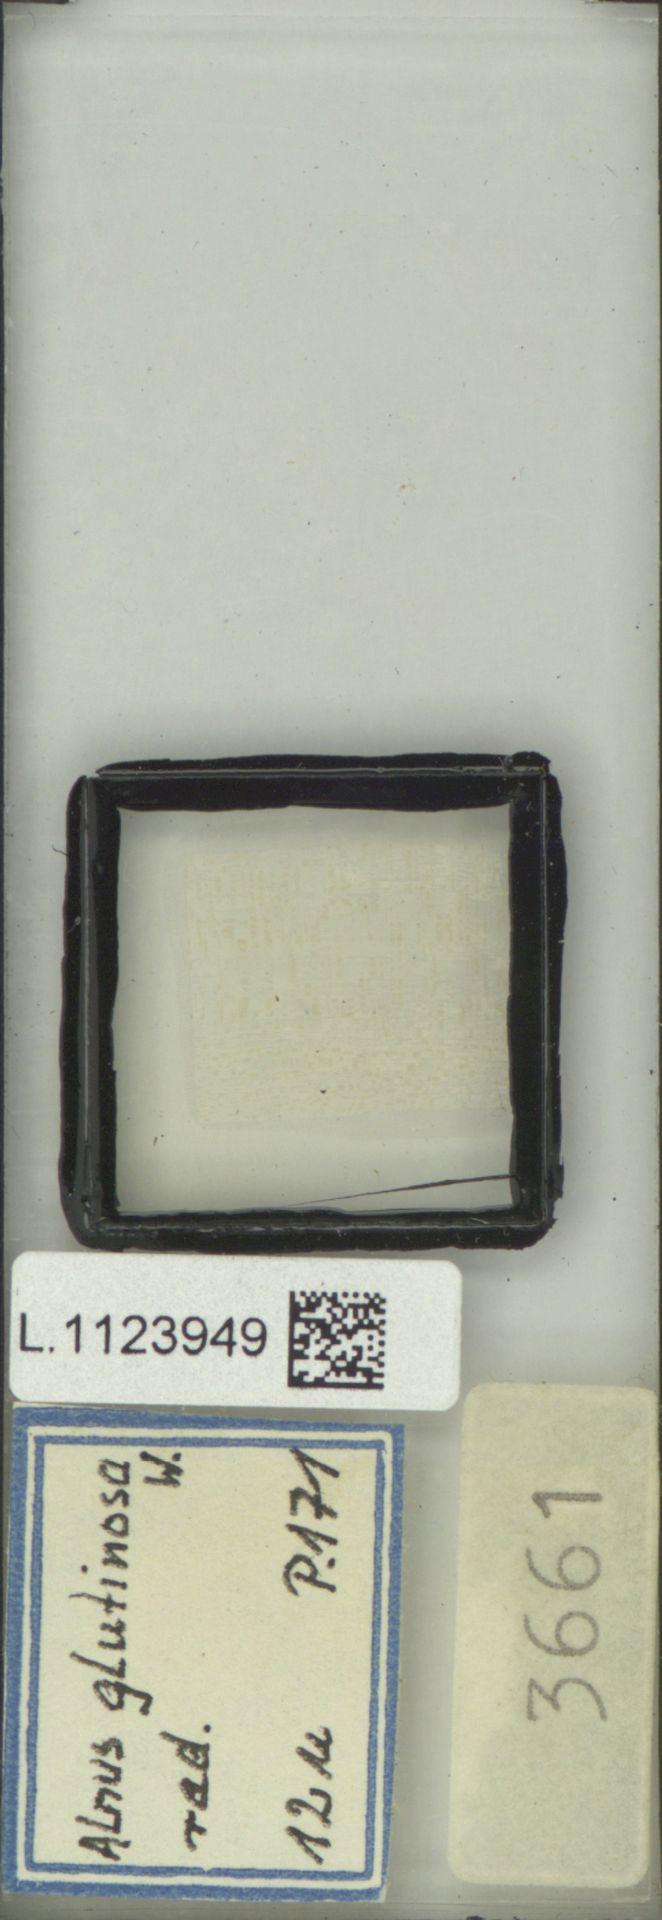 L.1123949 | Alnus glutinosa (L.) Gaertn.